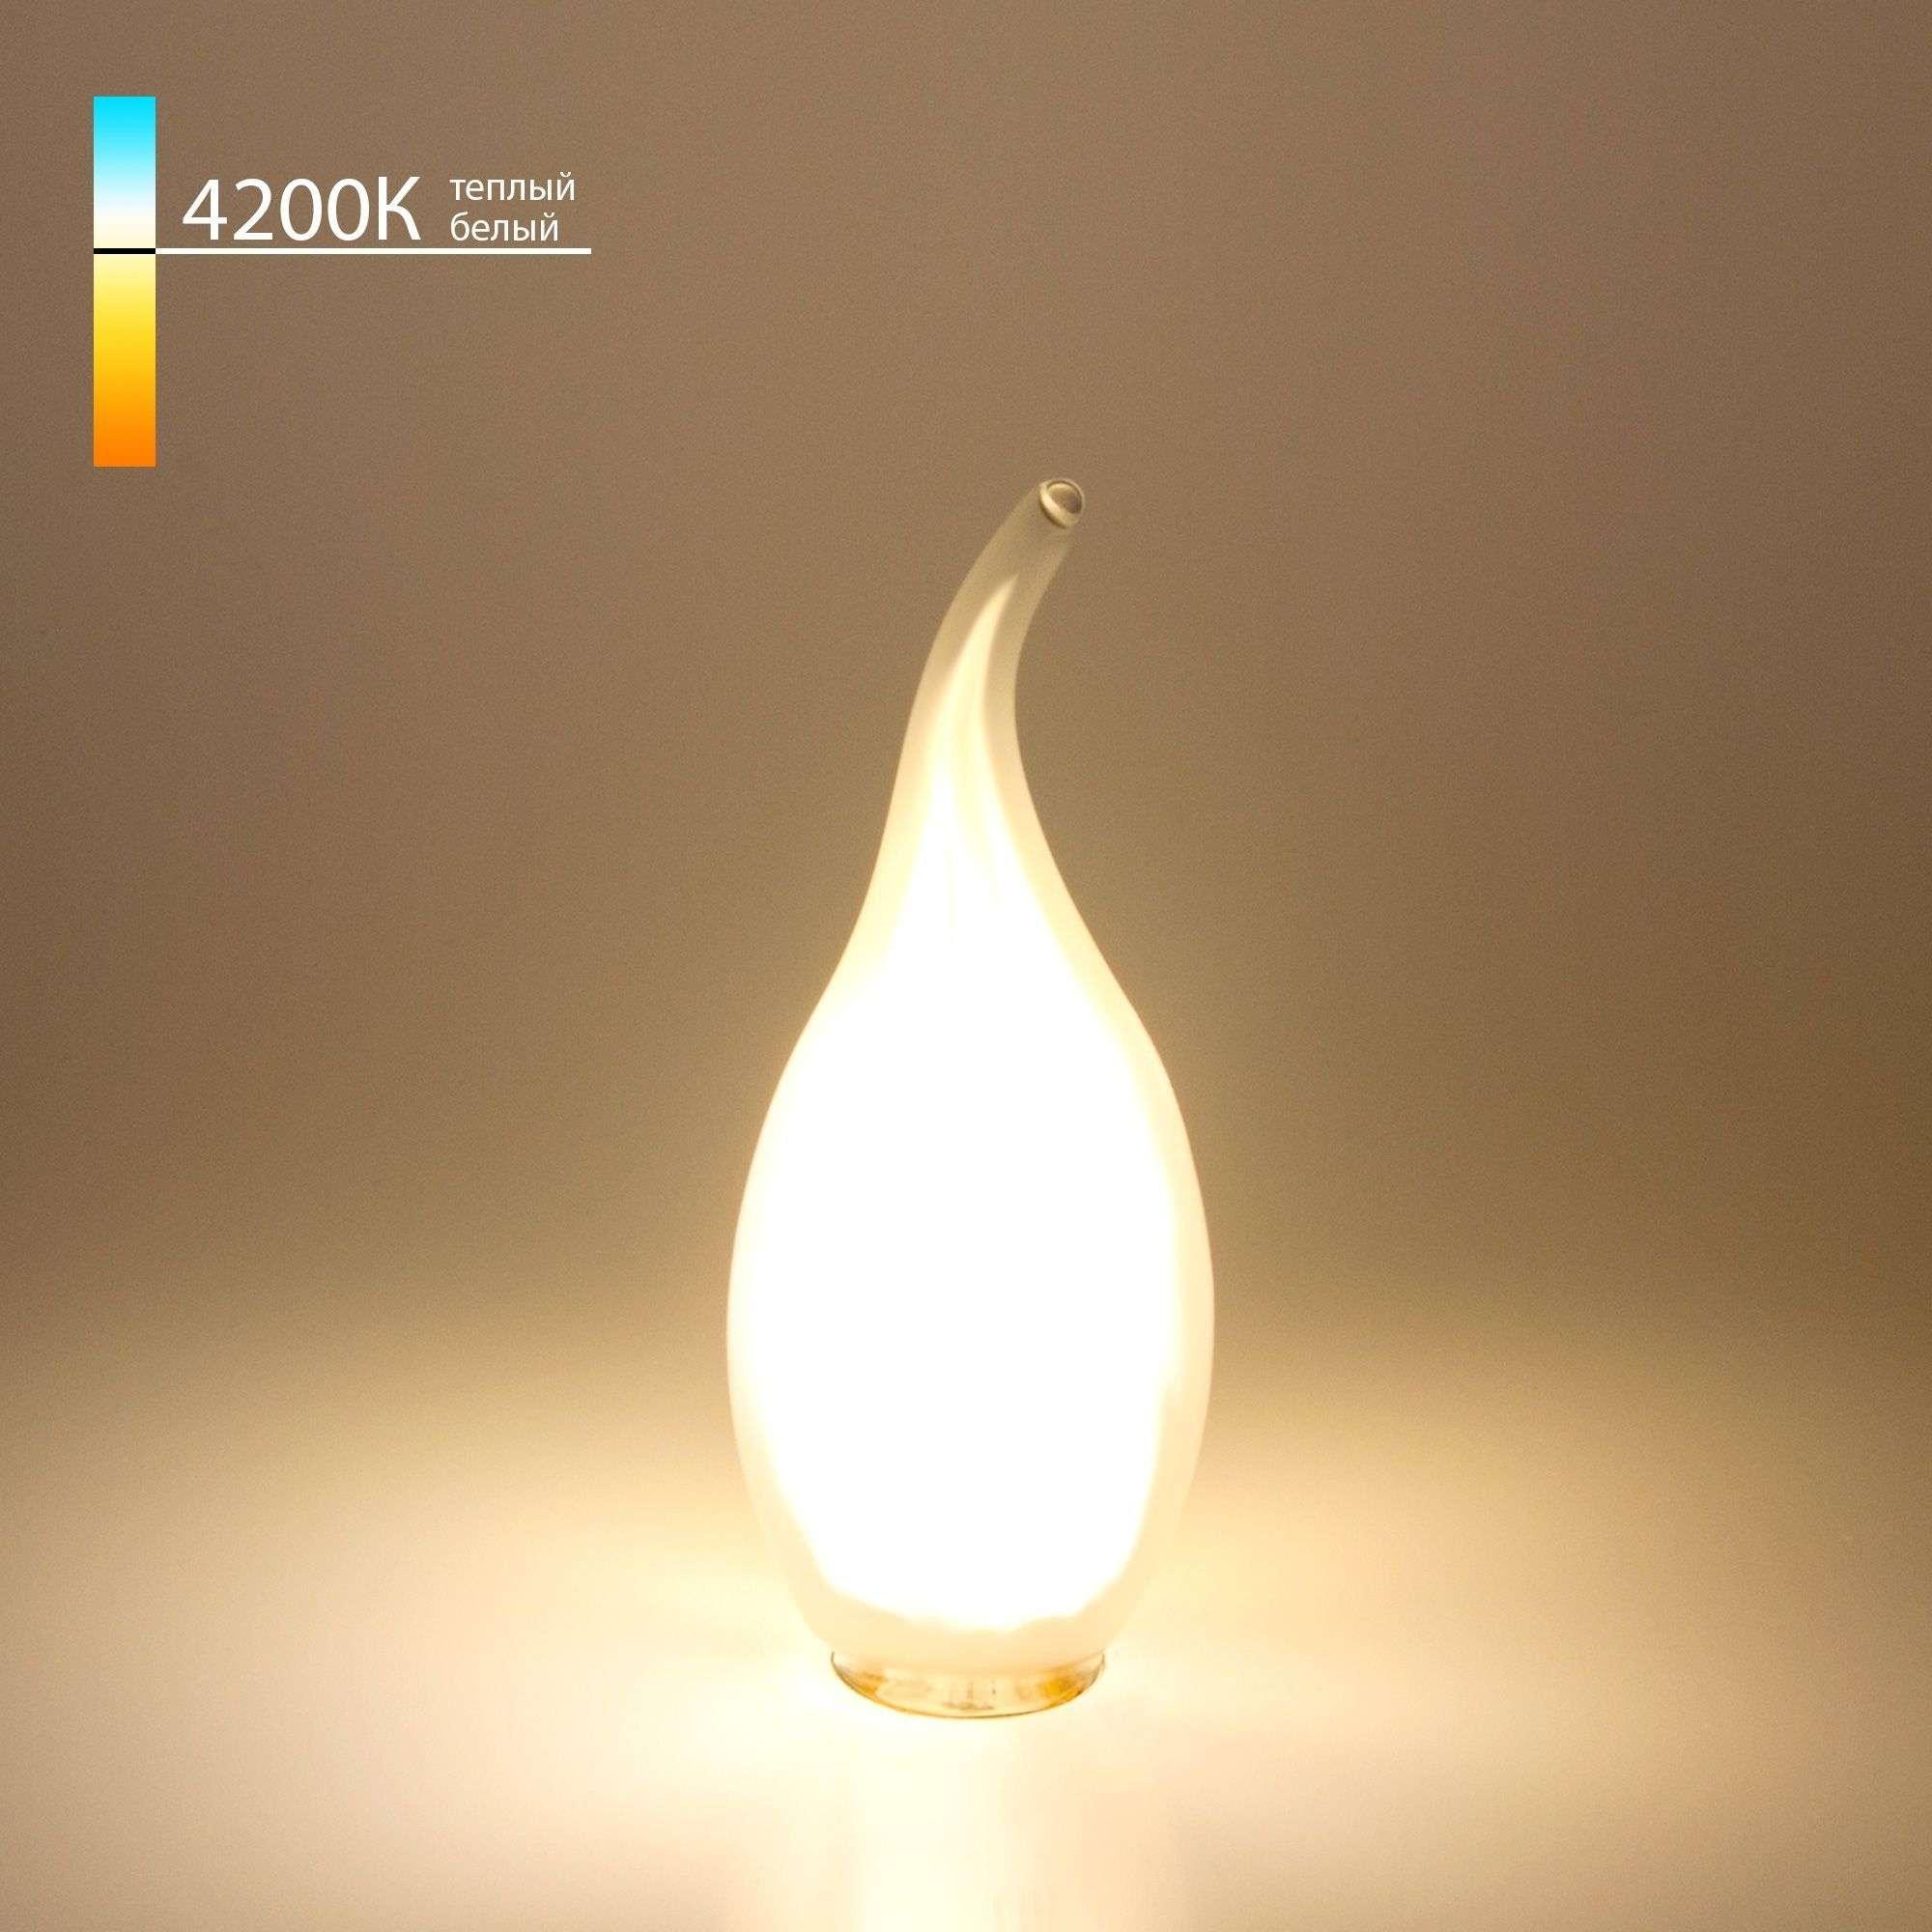 Филаментная светодиодная лампа Свеча на ветру